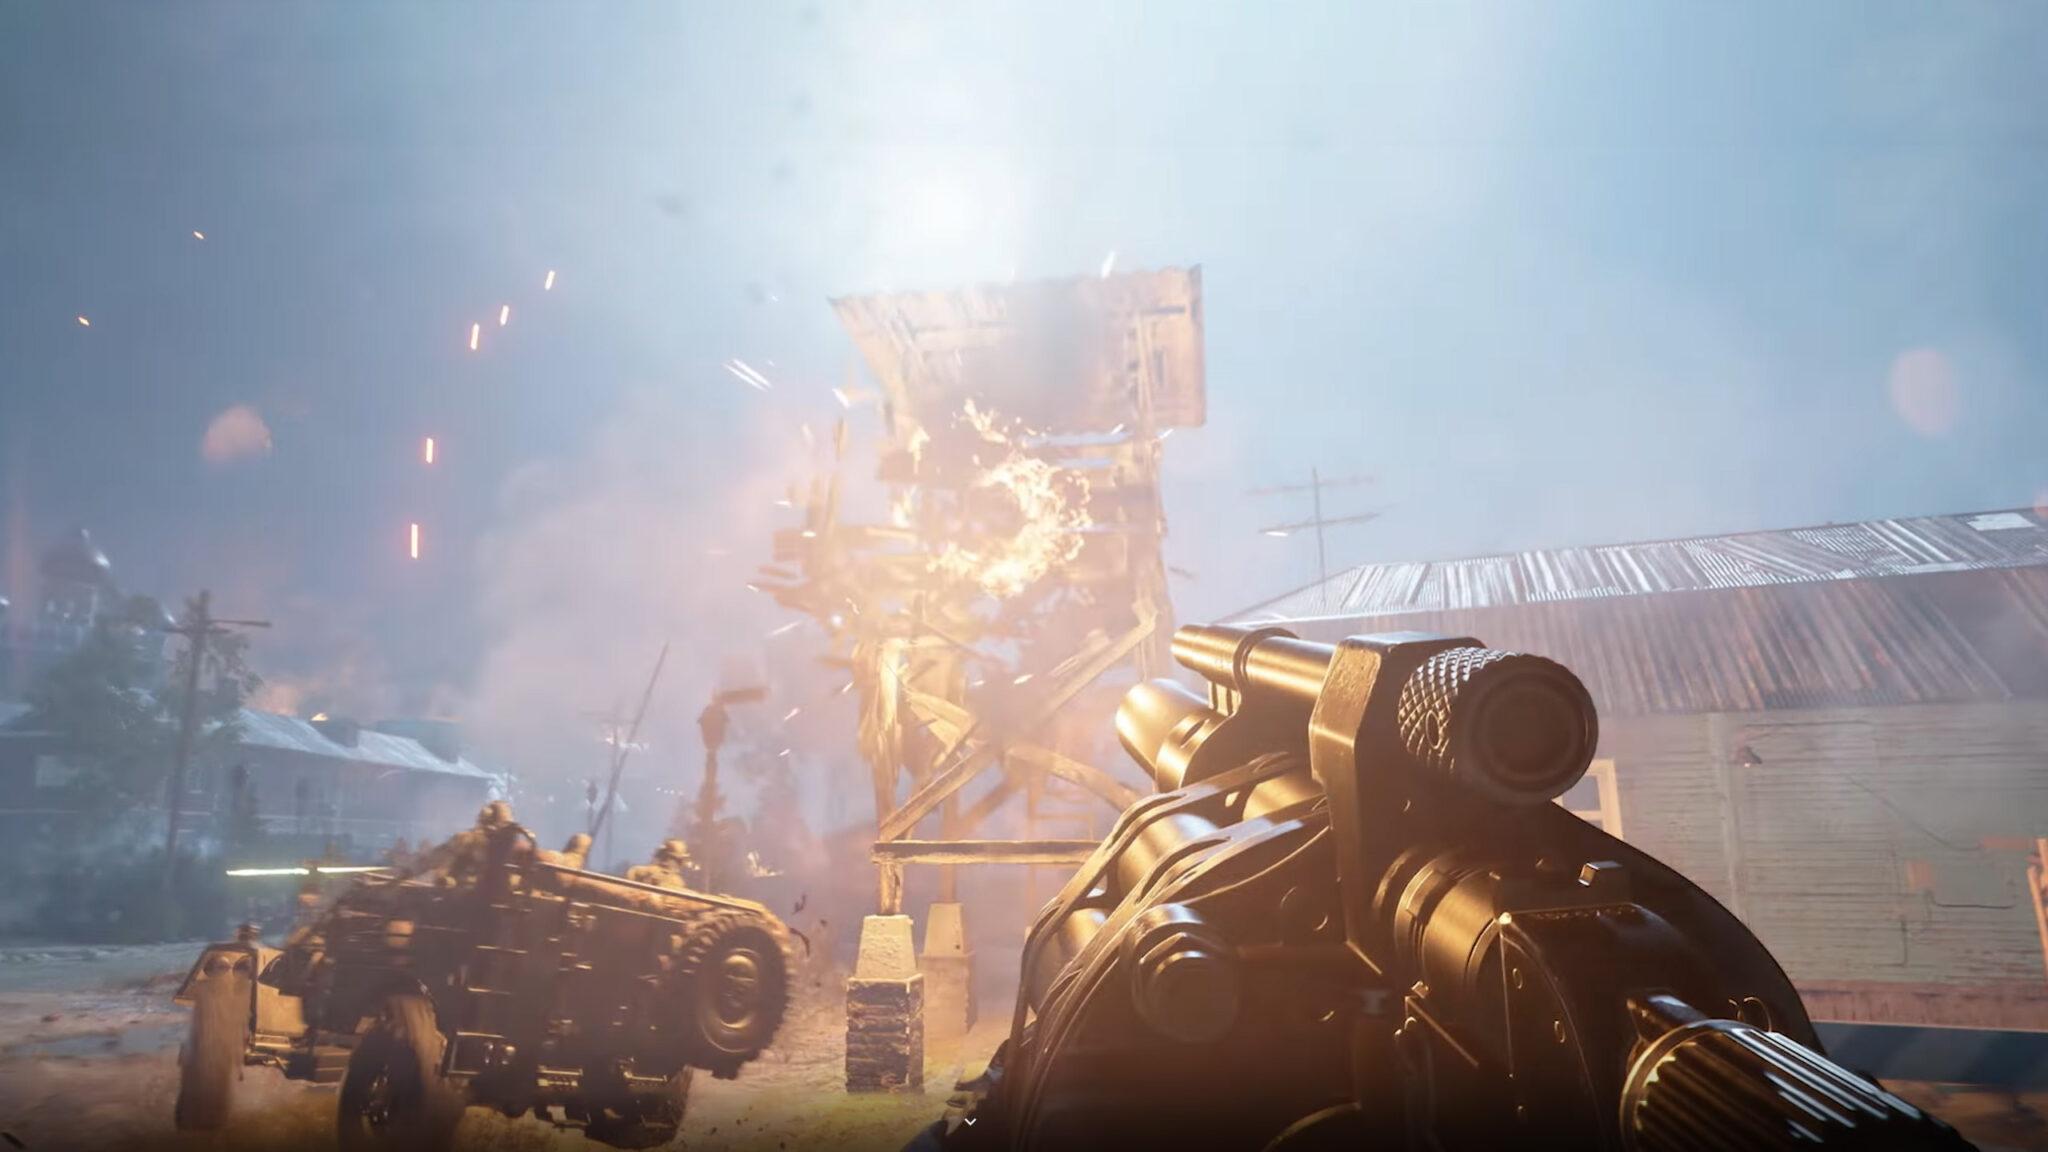 Call of Duty Black Ops Cold War: Trailer und Systemanforderungen veröffentlicht